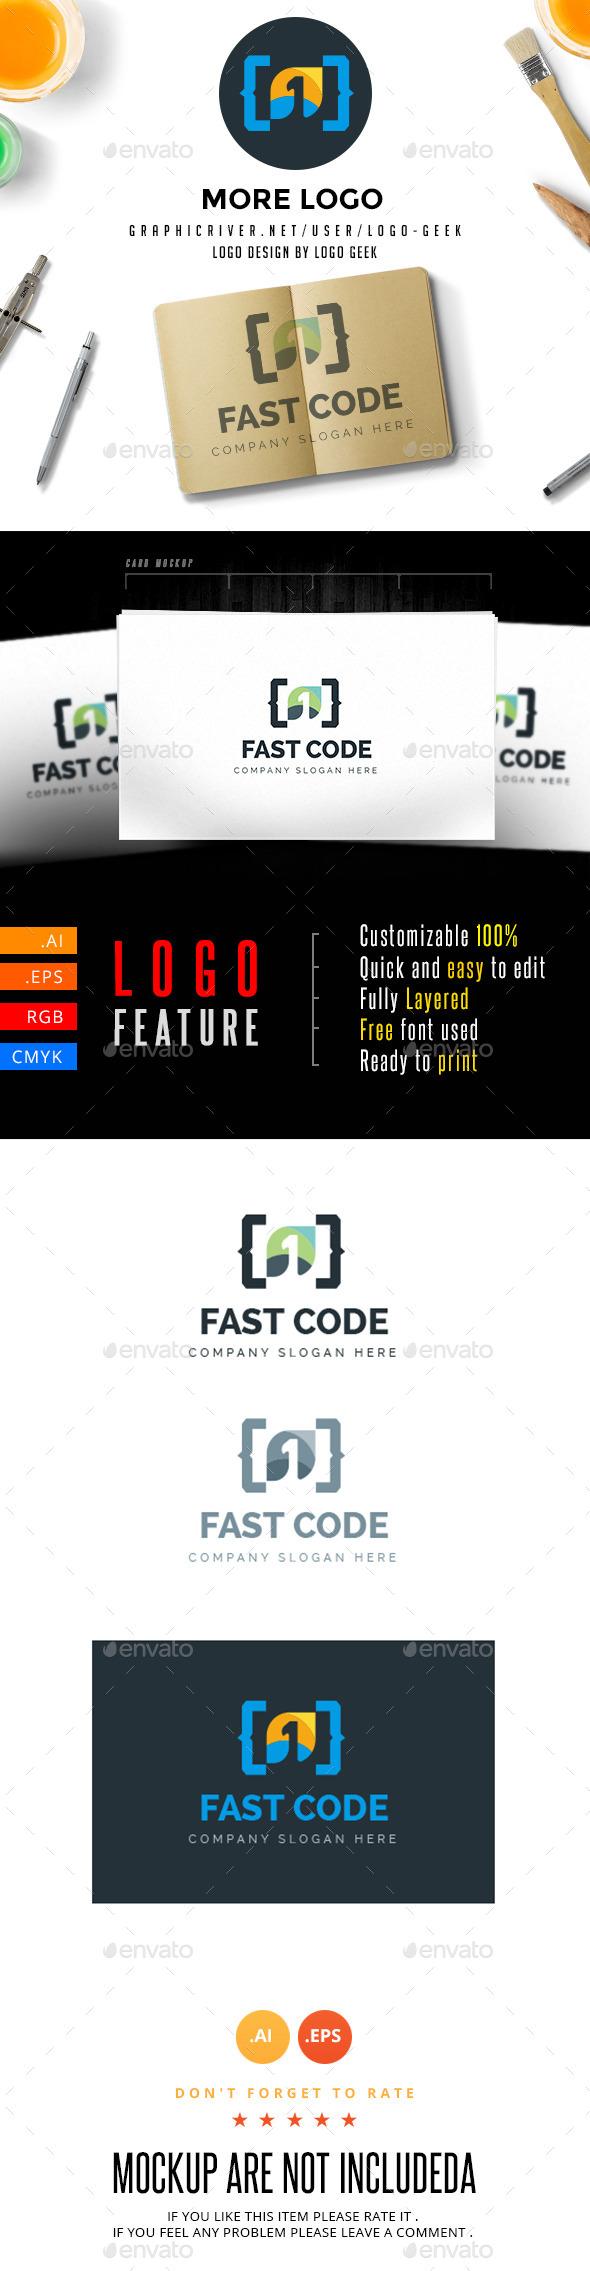 GraphicRiver Fast Code 10737766